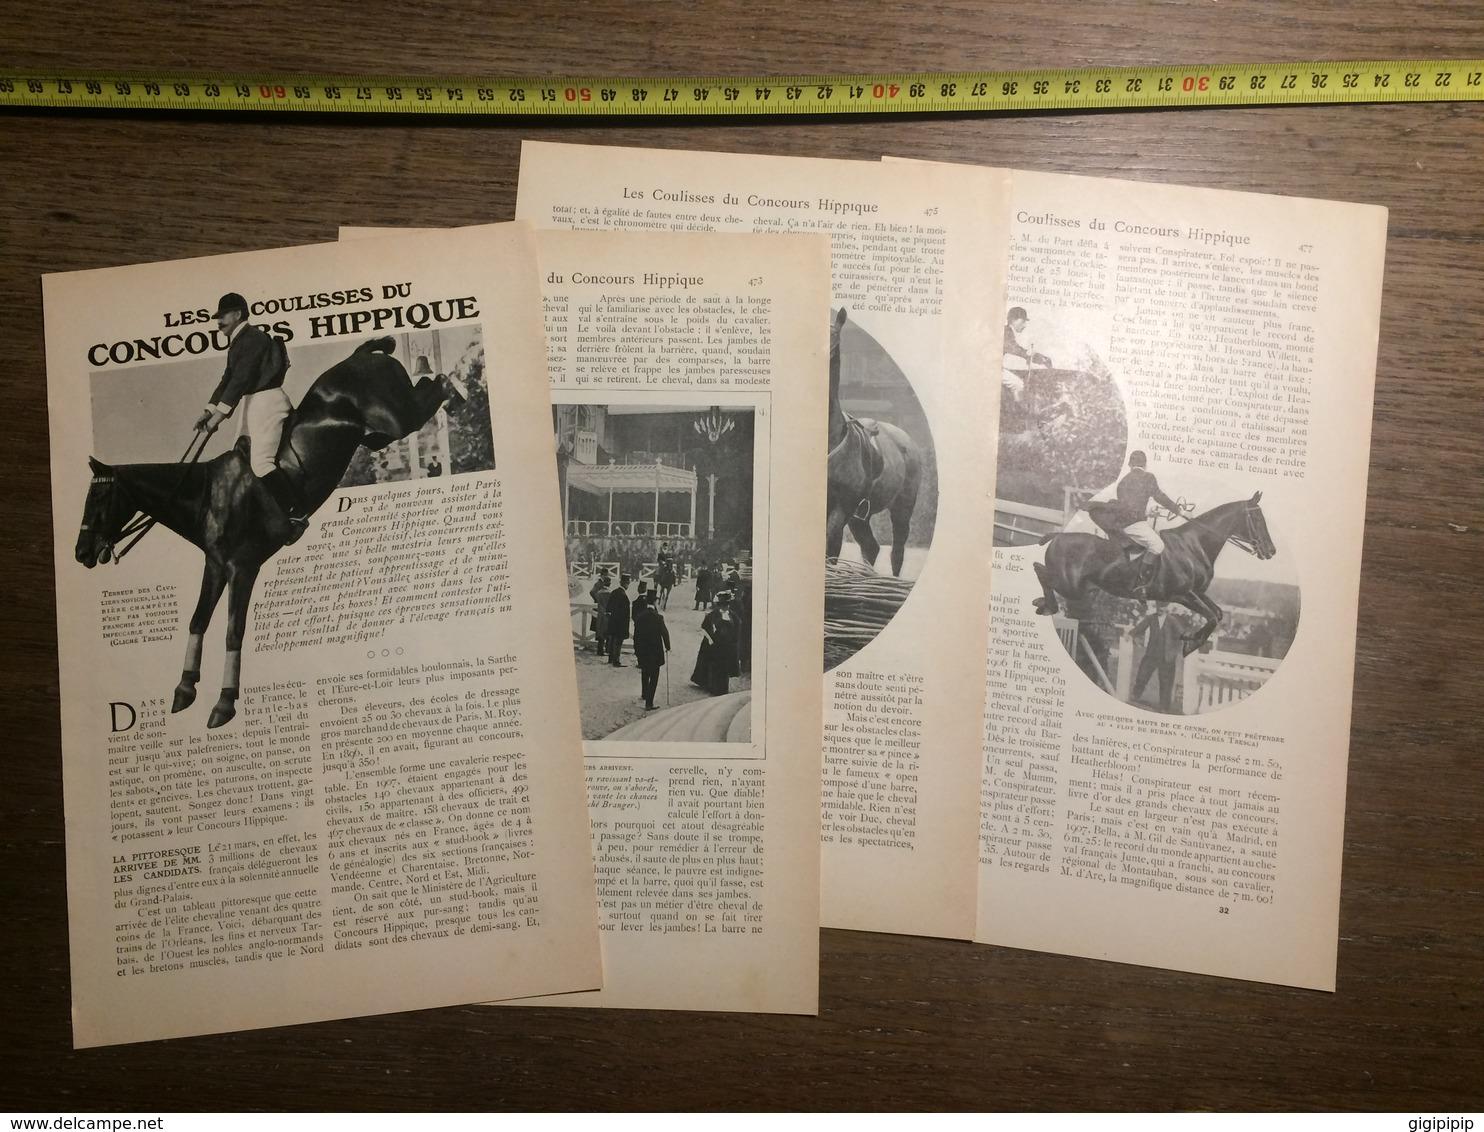 1909 DOCUMENT COULISSES DU CONCOURS HIPPIQUE - Vieux Papiers